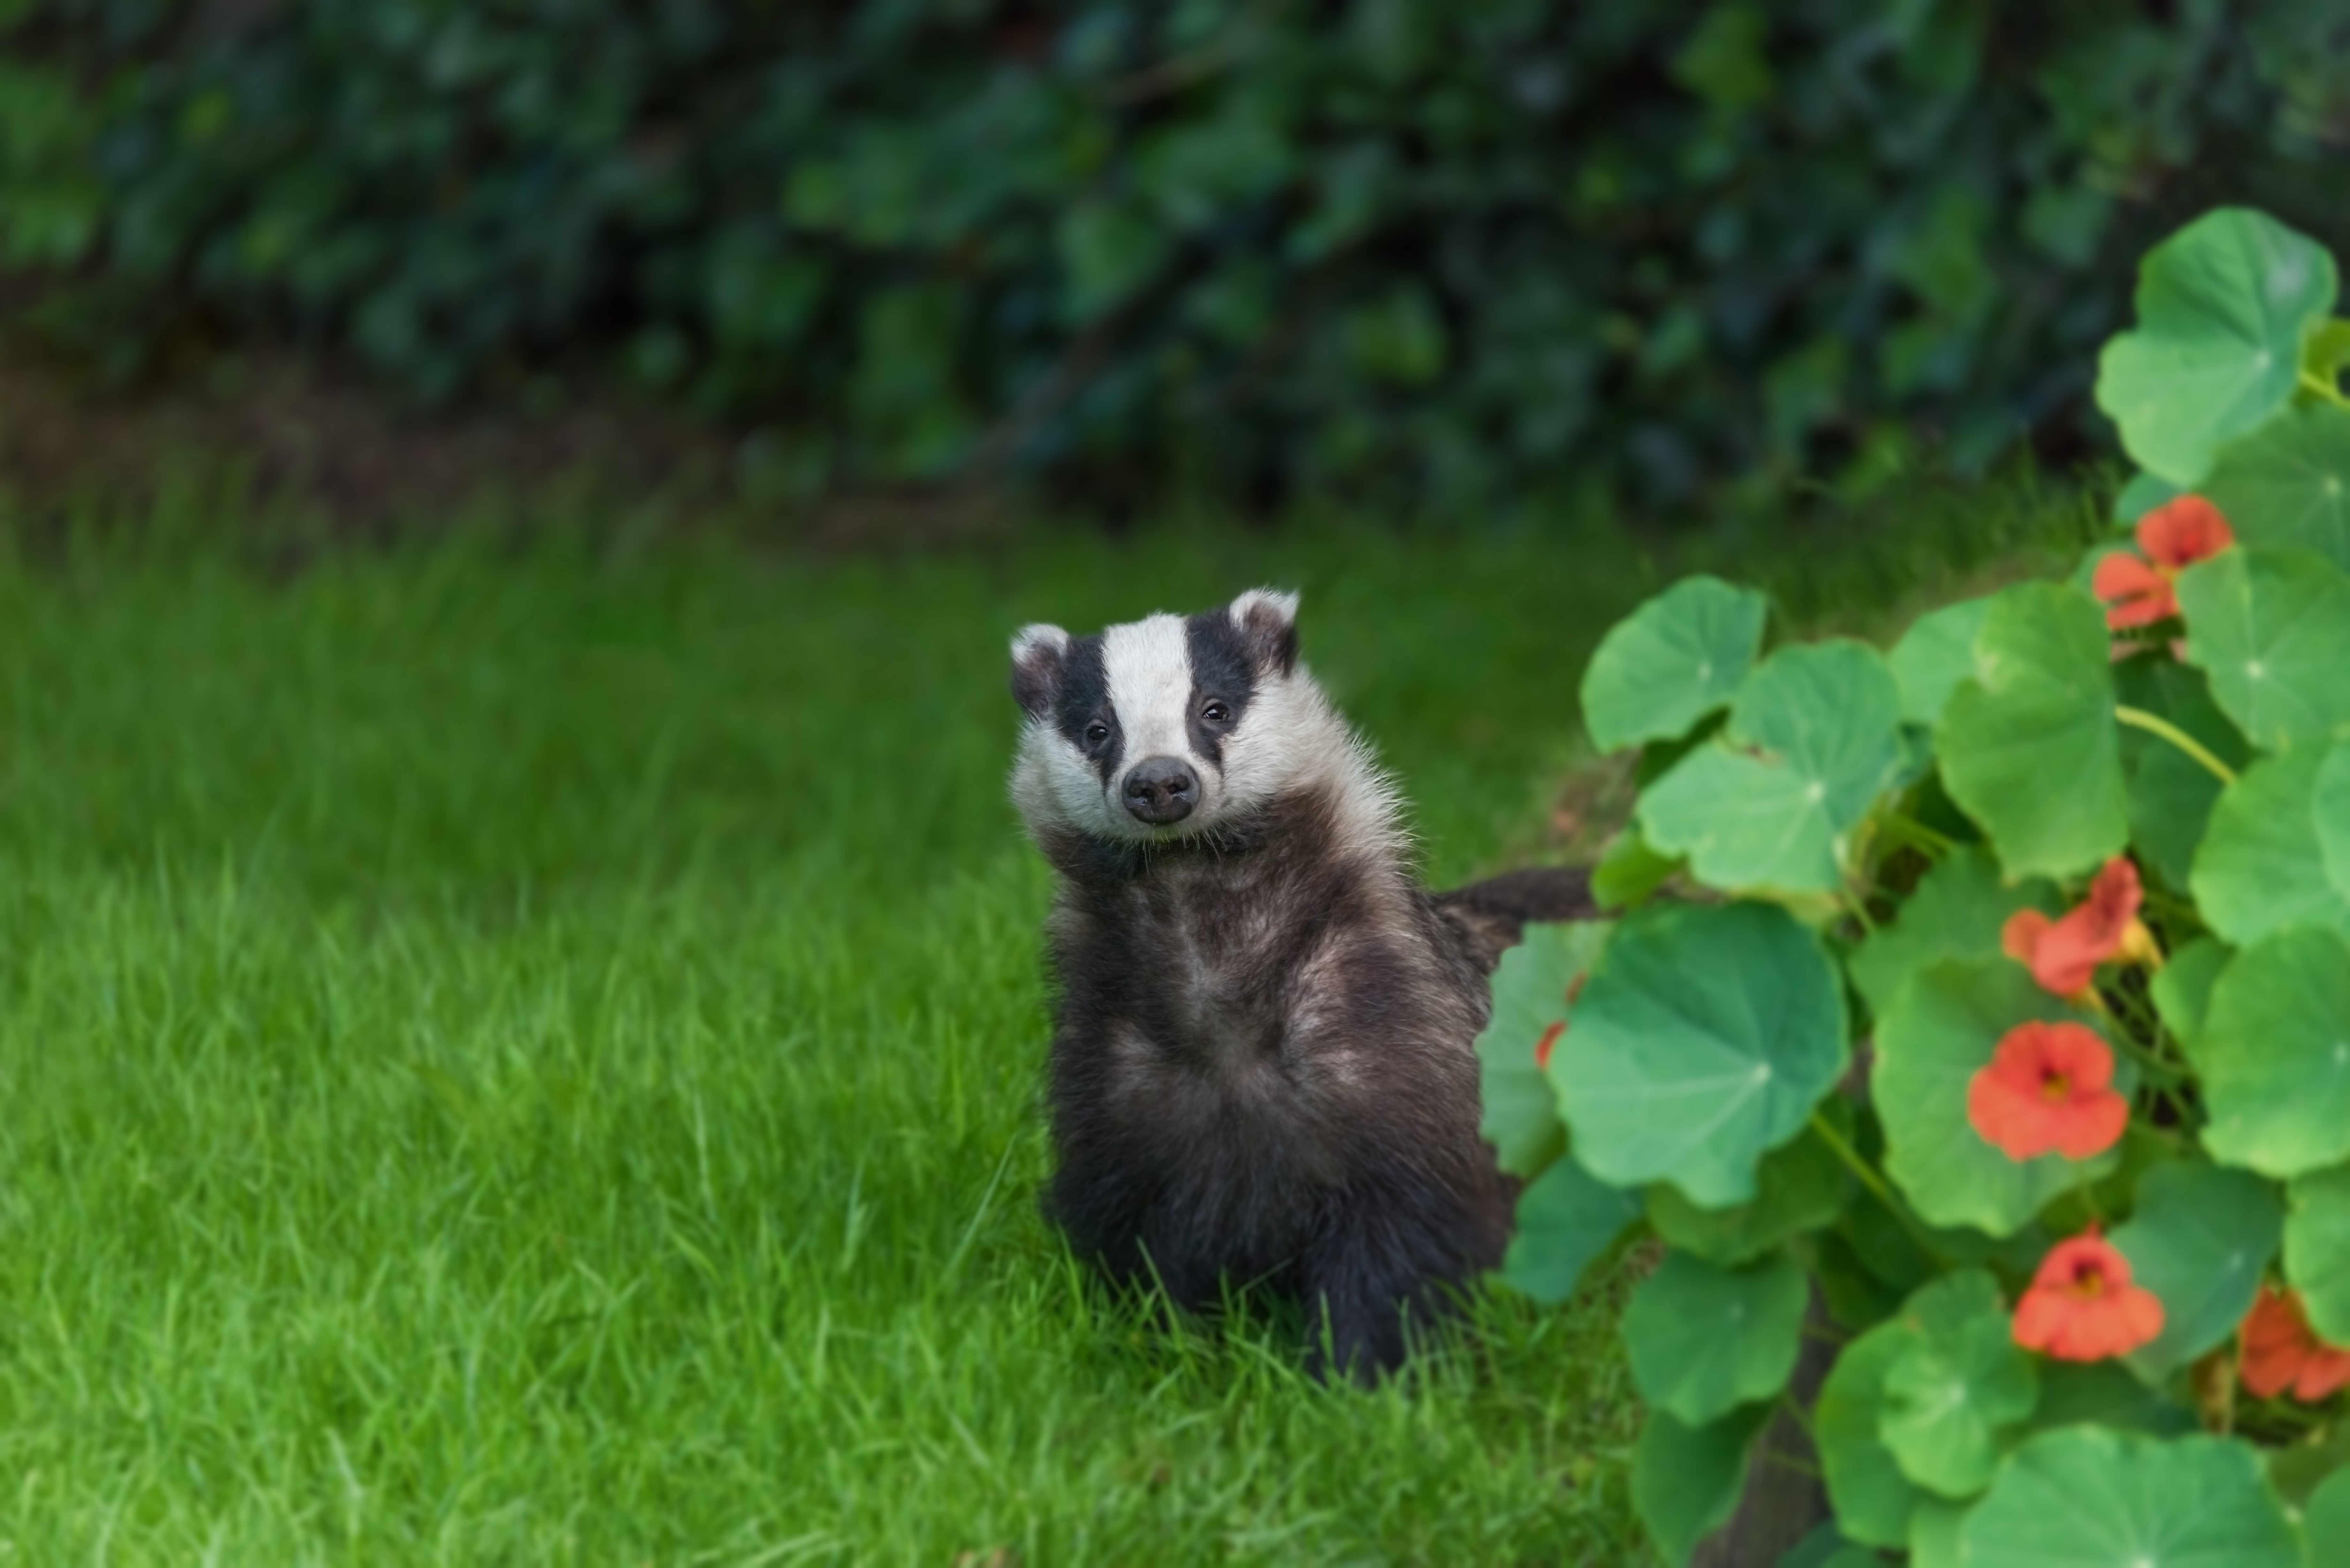 Young wild badger visiting urban garden. © EncroVision/Getty